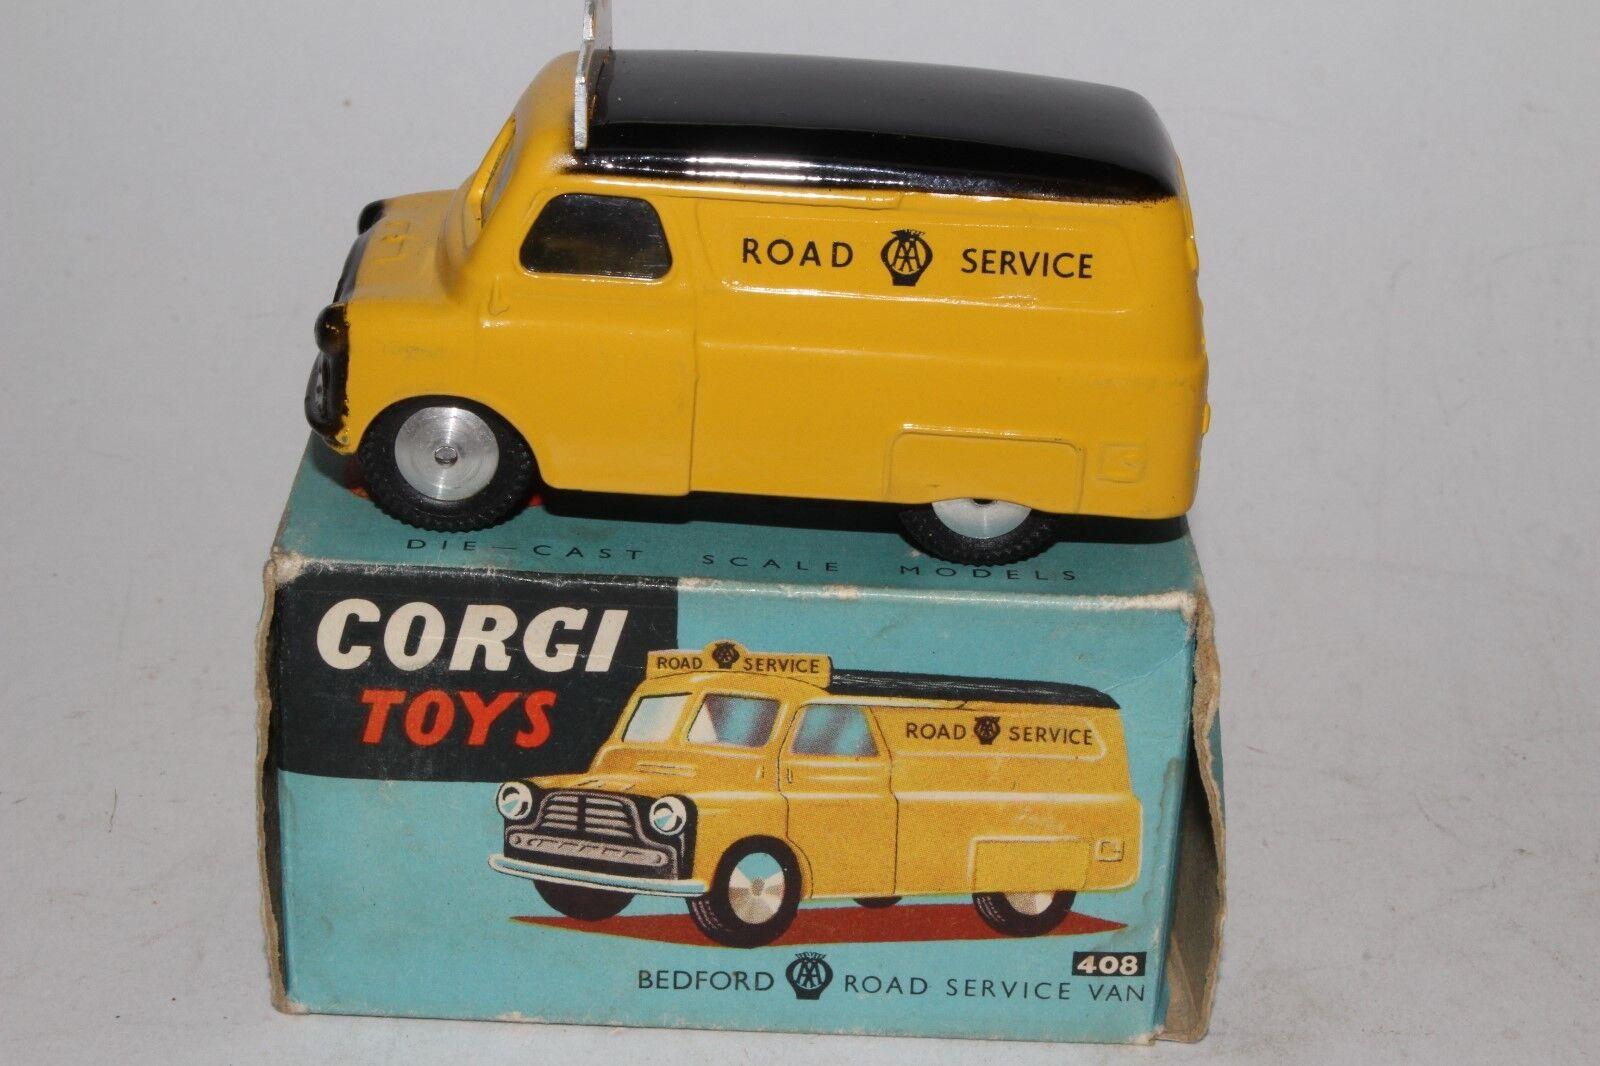 CORGI TOYS,  408, années 1950 Bedford Service Routier Camion, coffret d'origine